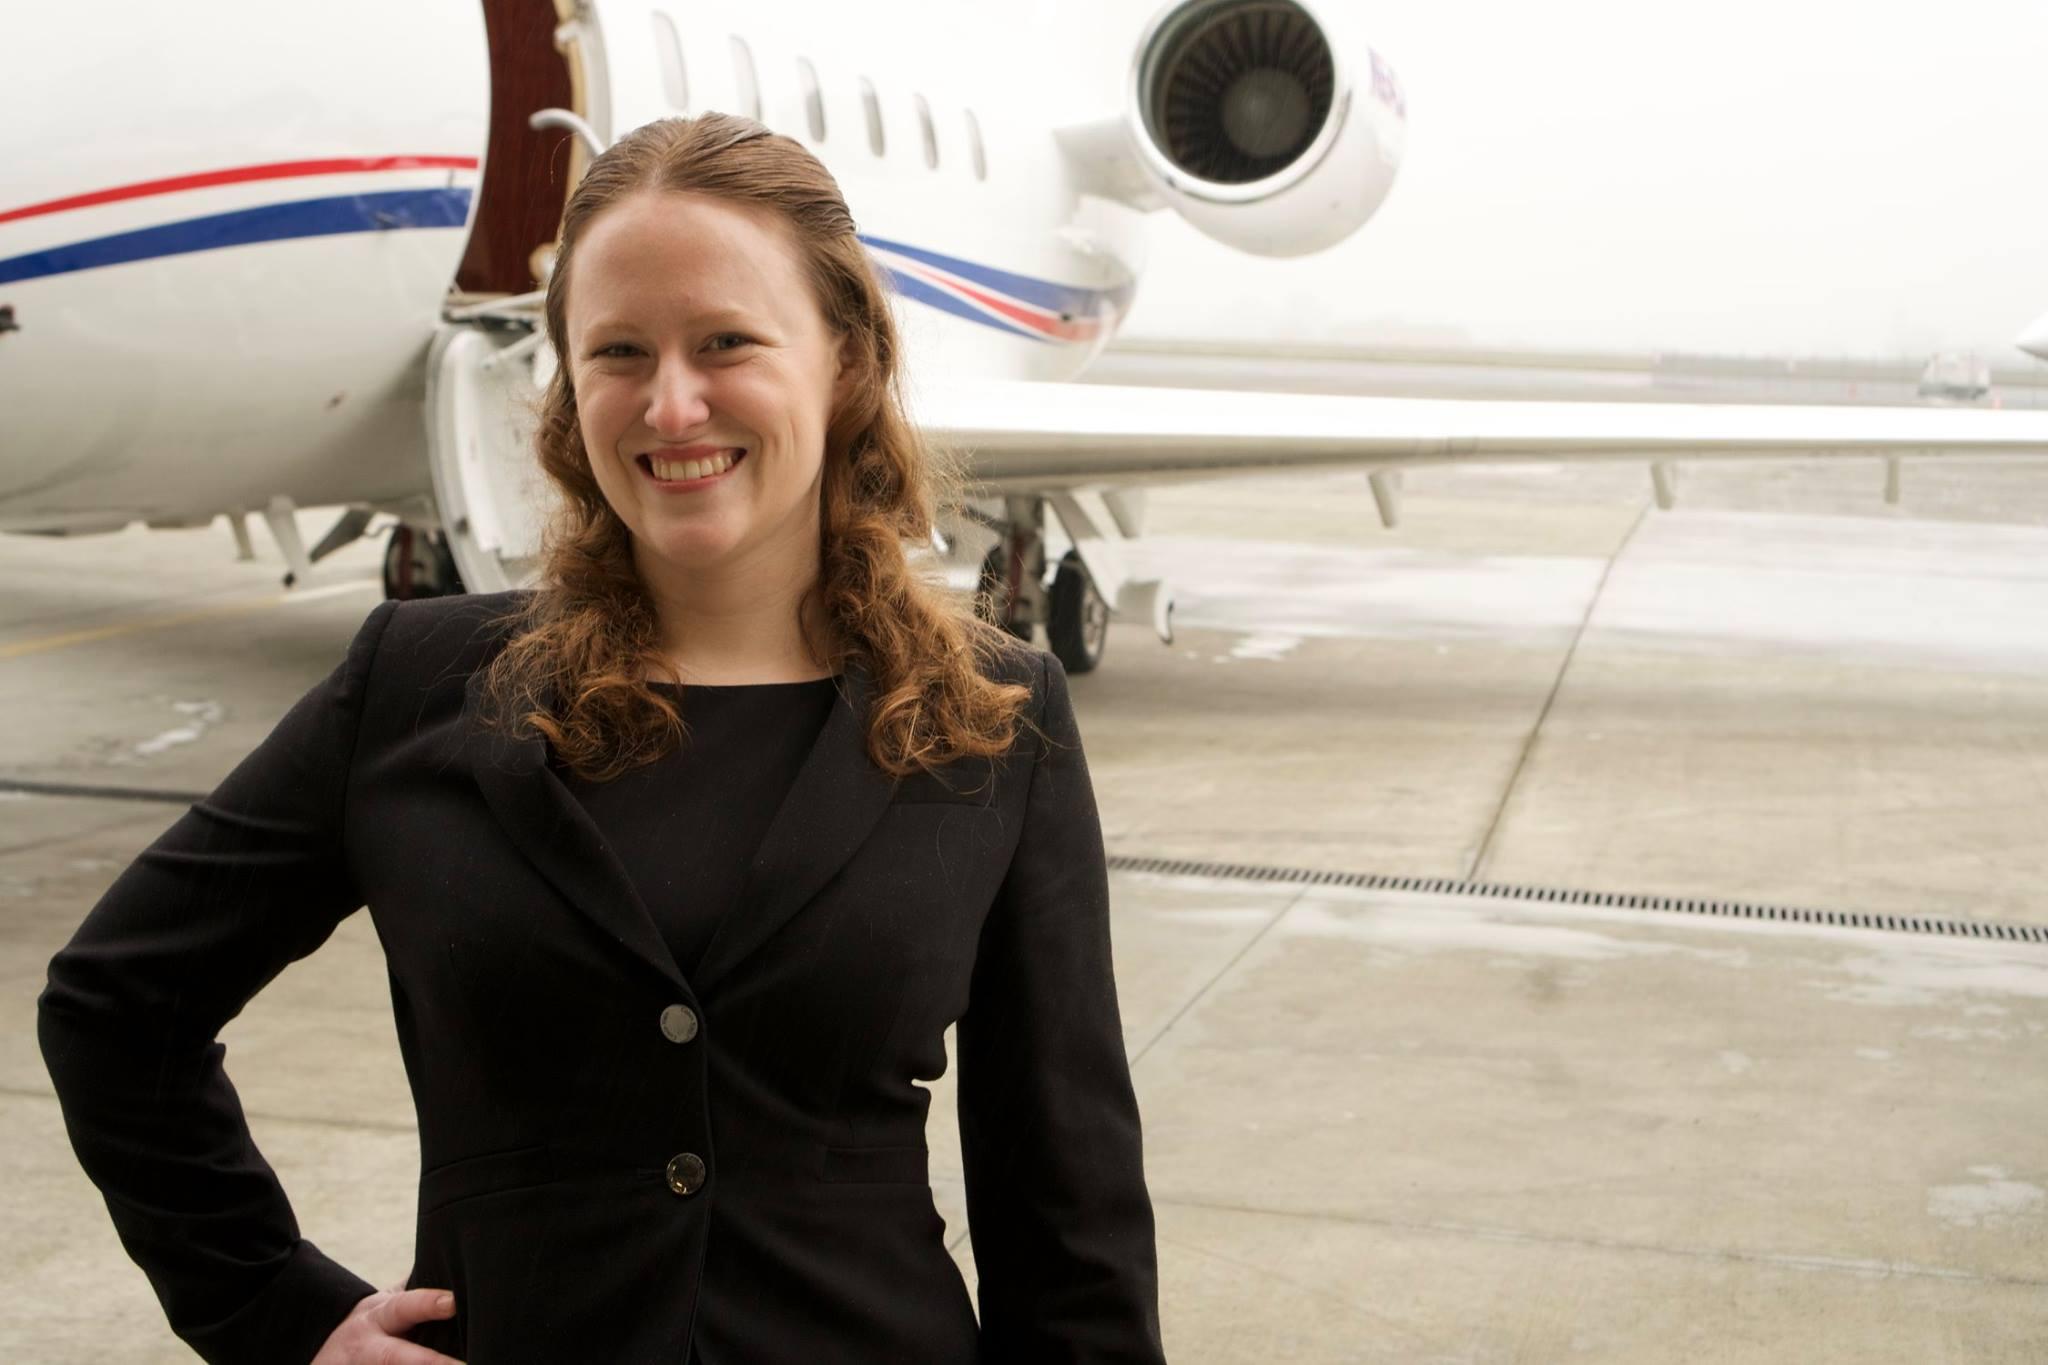 Rachel Certified SkyAngel